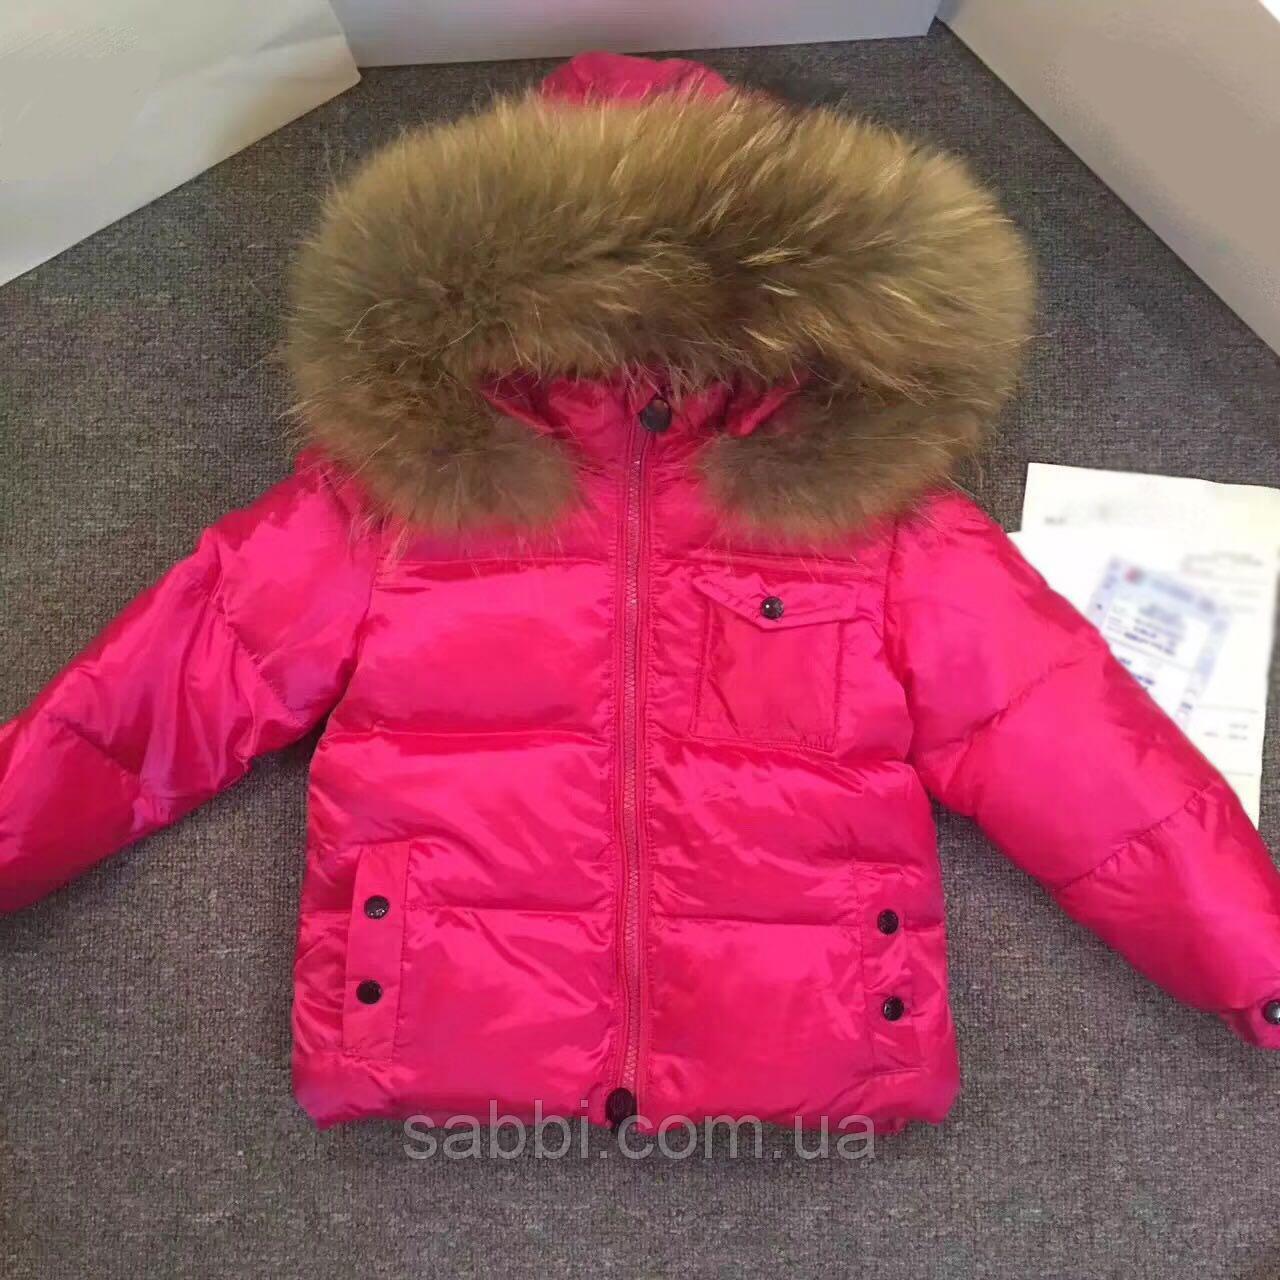 Детская курточка пуховик Sabbi малиновая с карманом